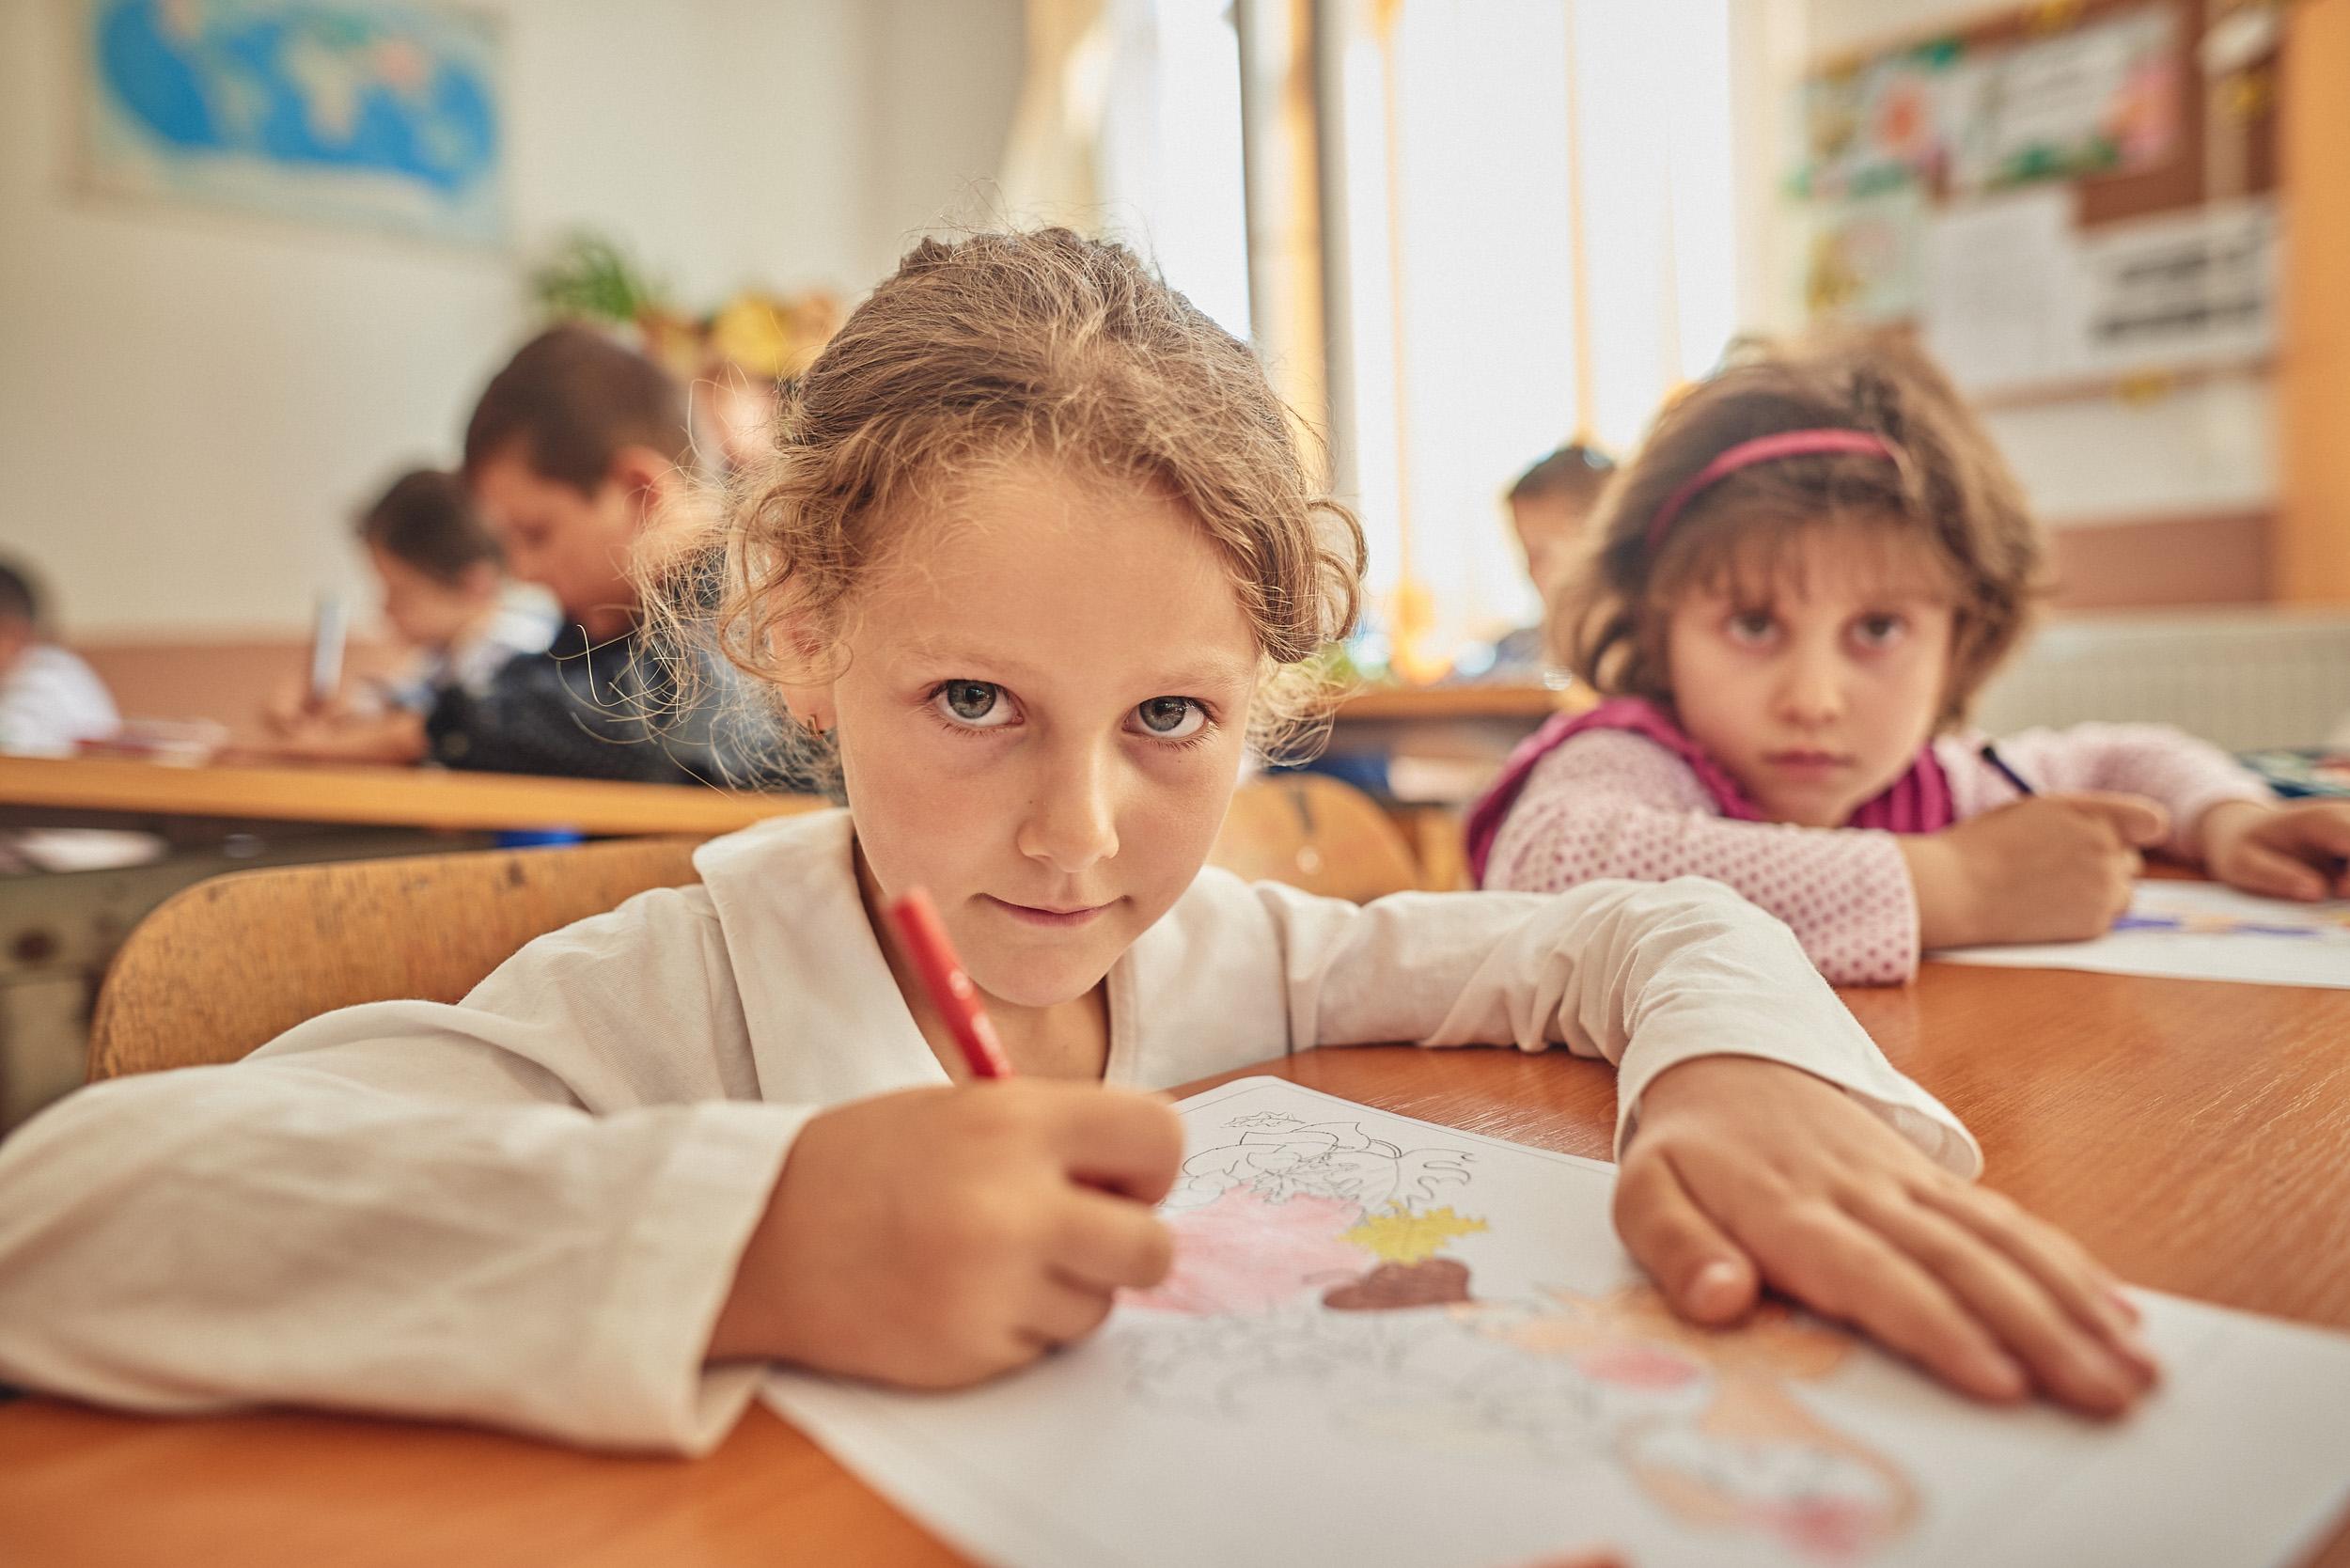 1256 de copii din 31 de sate beneficiază zilnic de after-school și o masă caldă prin programul Pâine și Mâine al World Vision și Lidl România